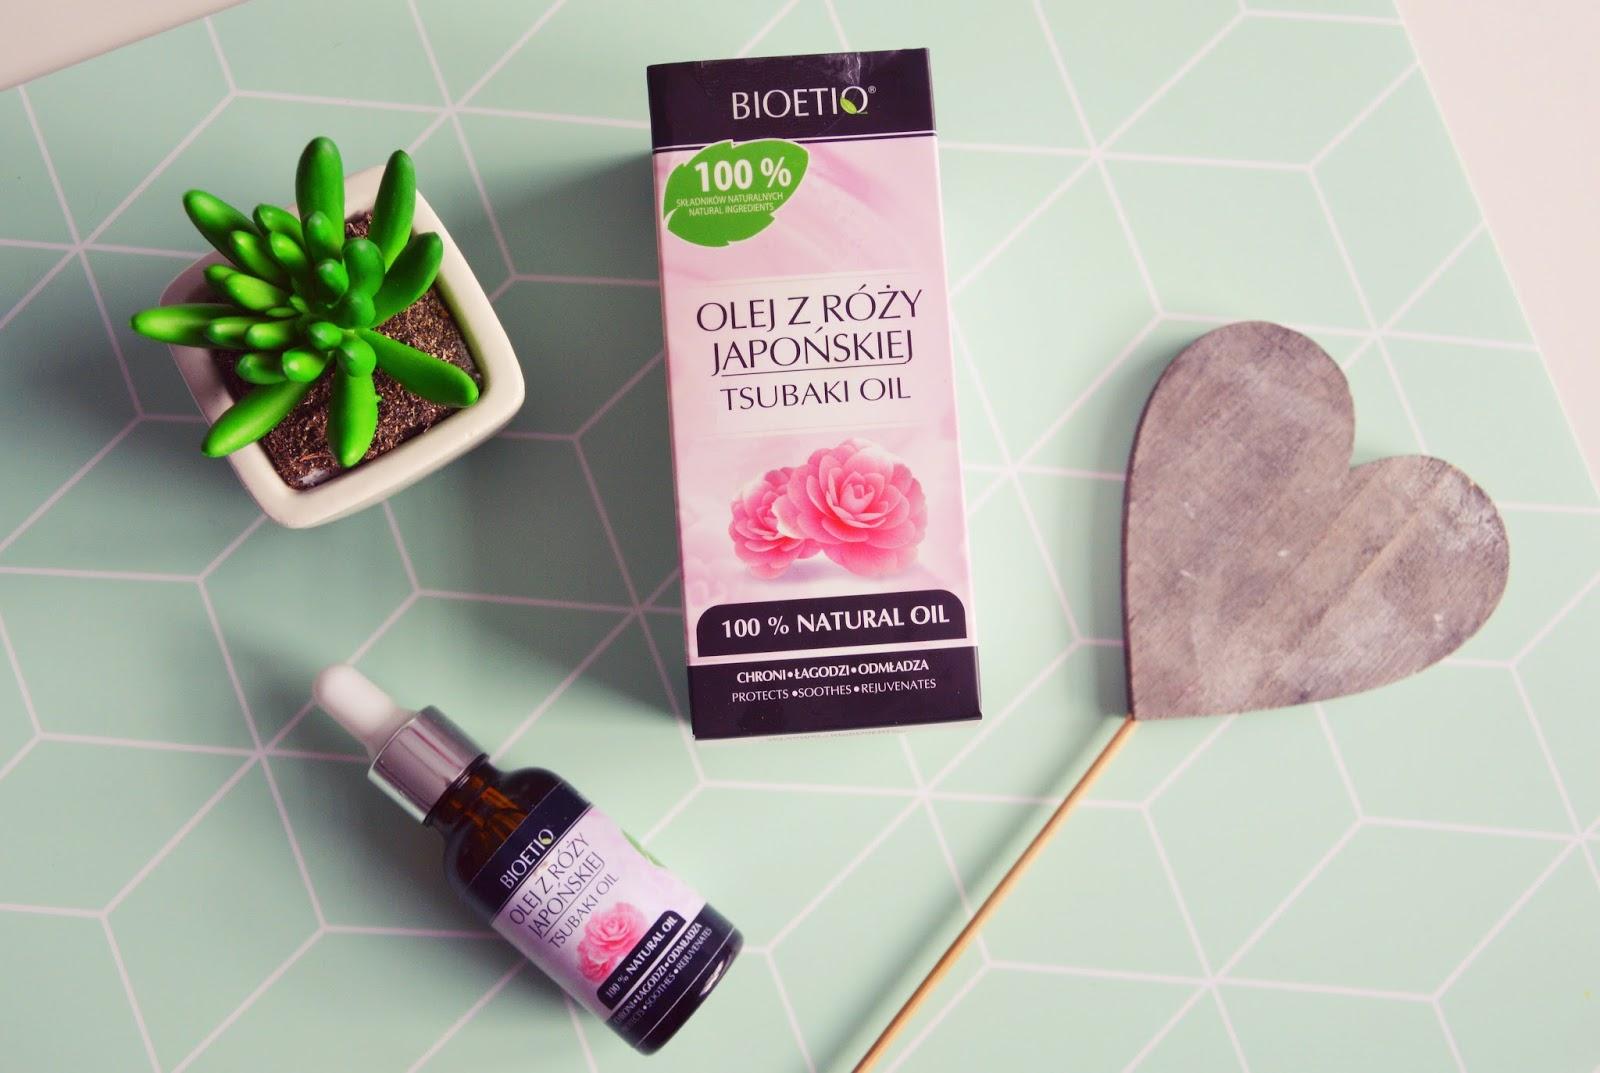 Olej z róży japońskiej od BIOETIQ  - piękno tkwi w naturze!